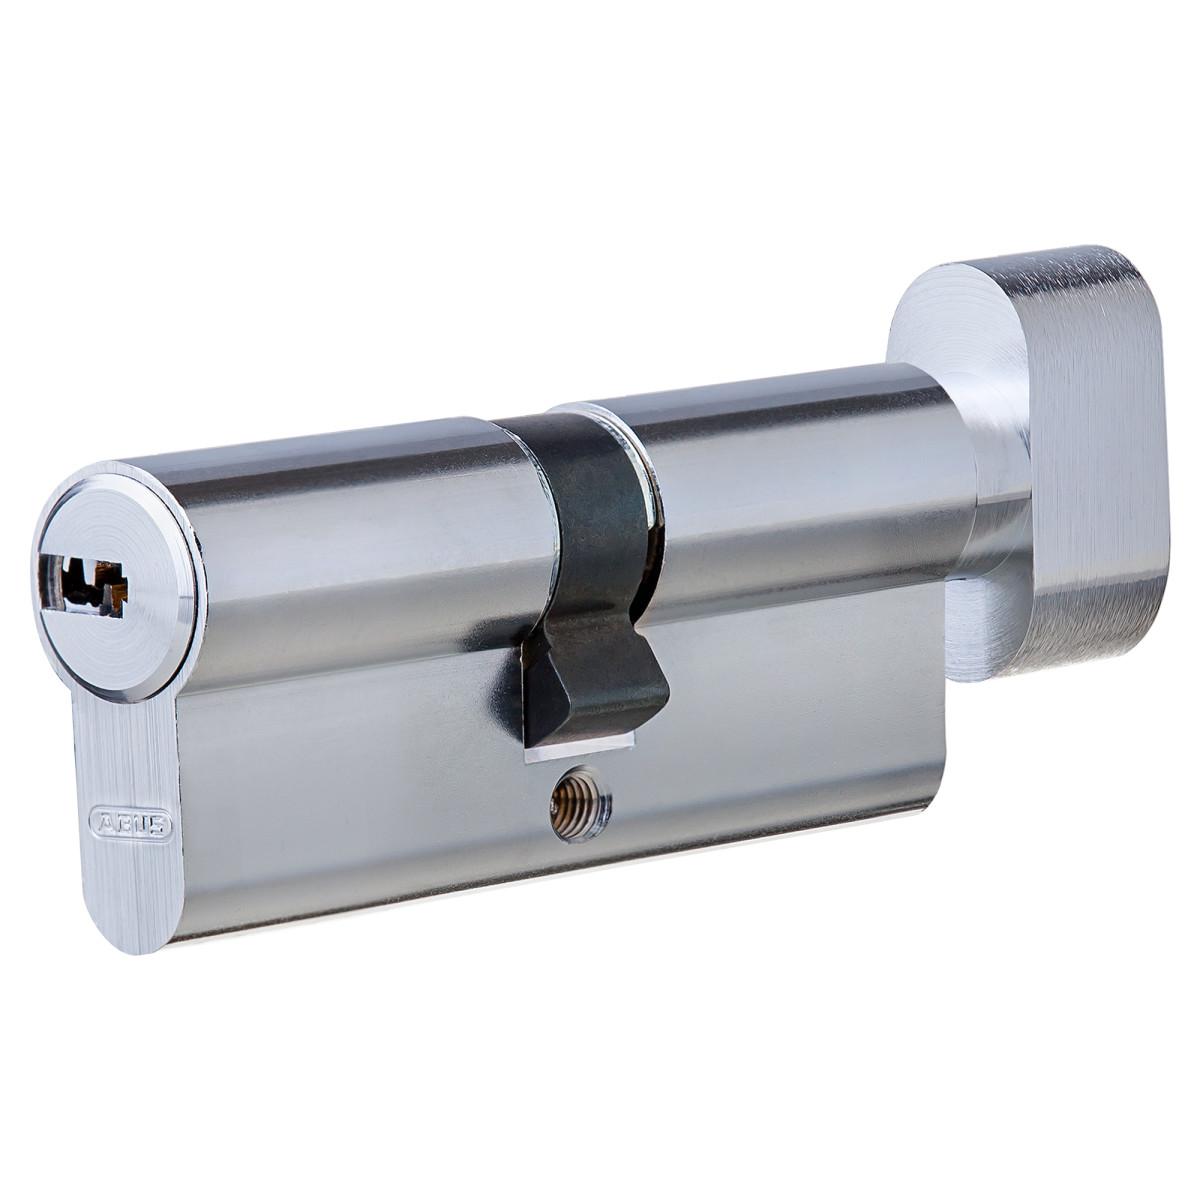 Цилиндр Abus 35х35 мм ключ/вертушка цвет никель